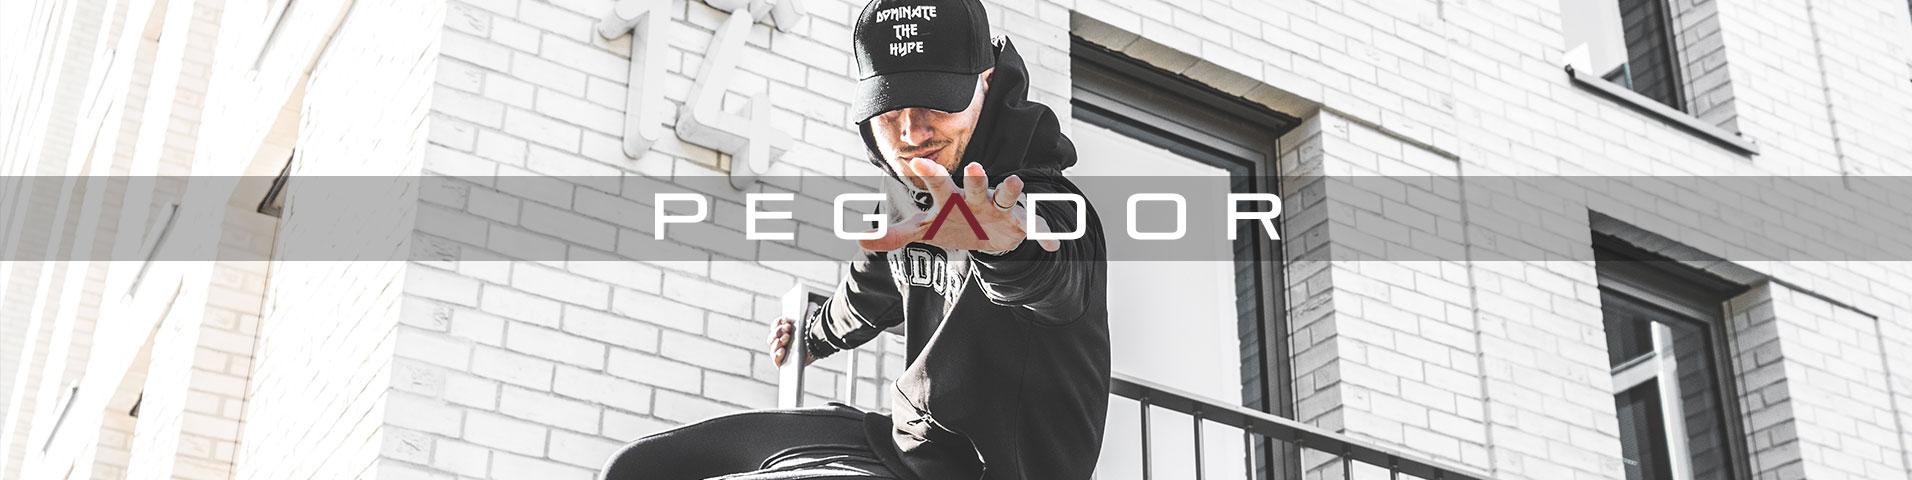 Pegador Online Shop   Pegador online bestellen bei Zalando